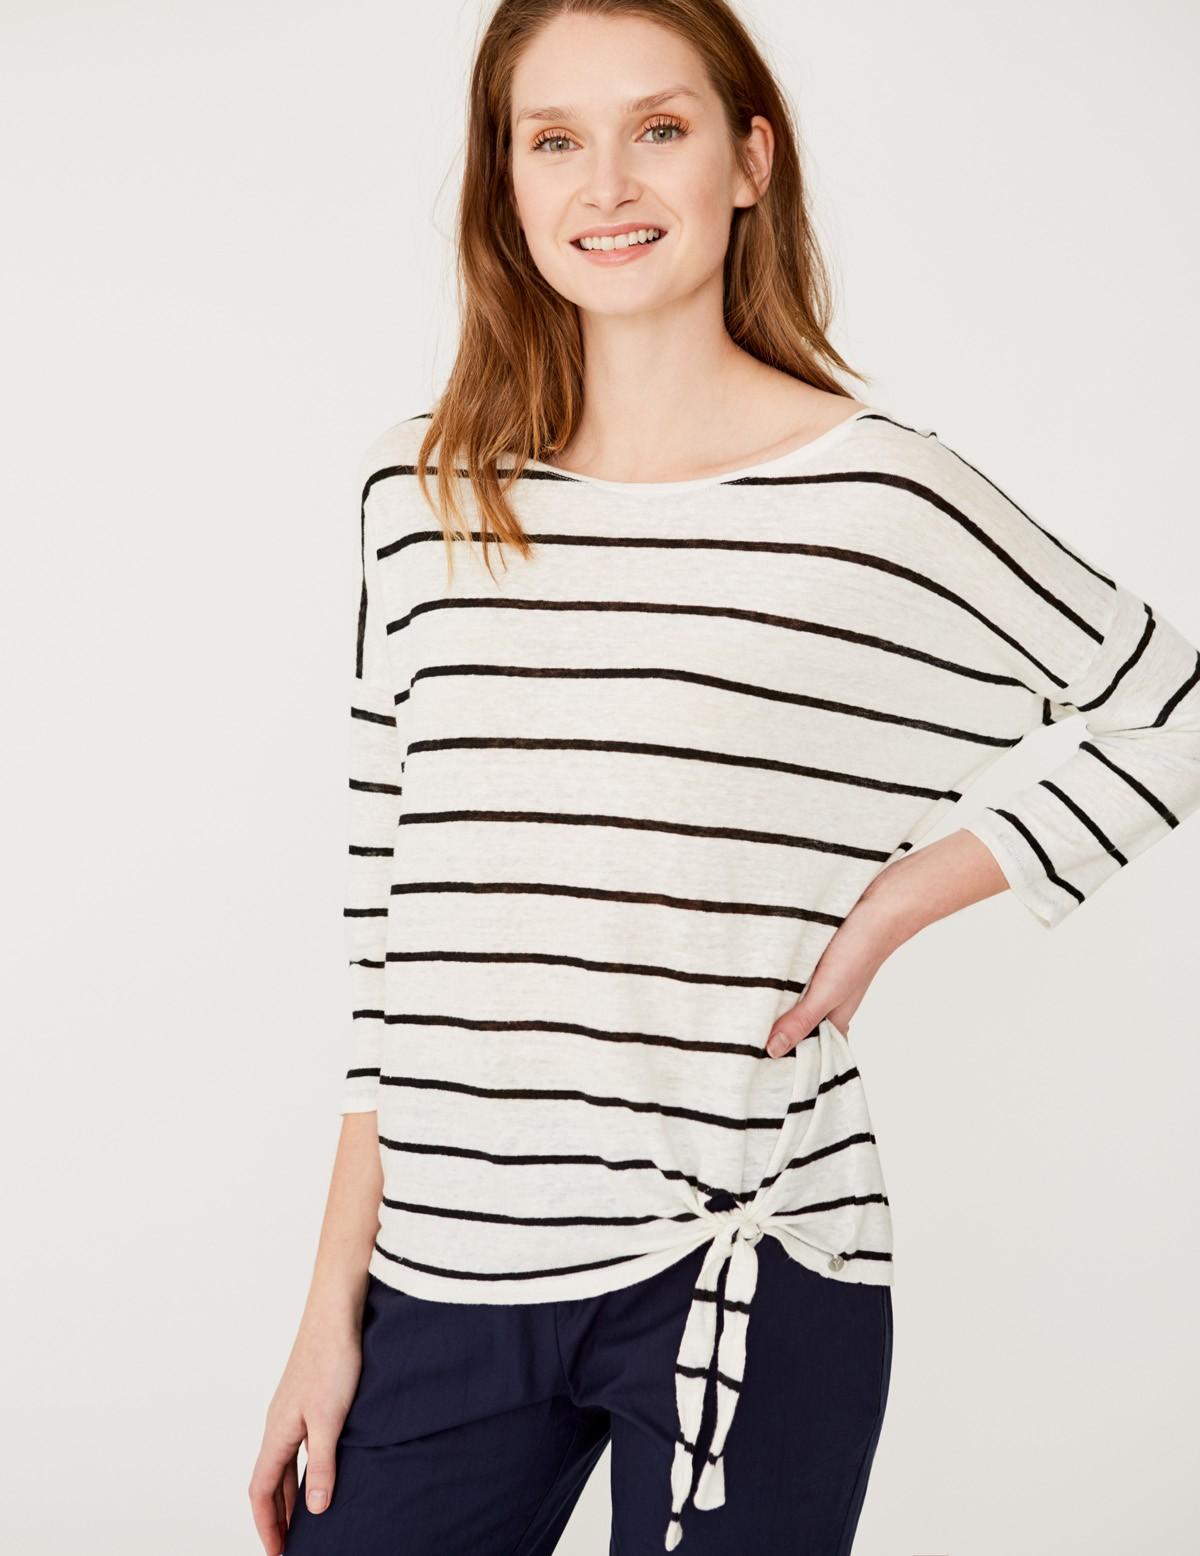 Camiseta de lino rayas con nudo en el bajo